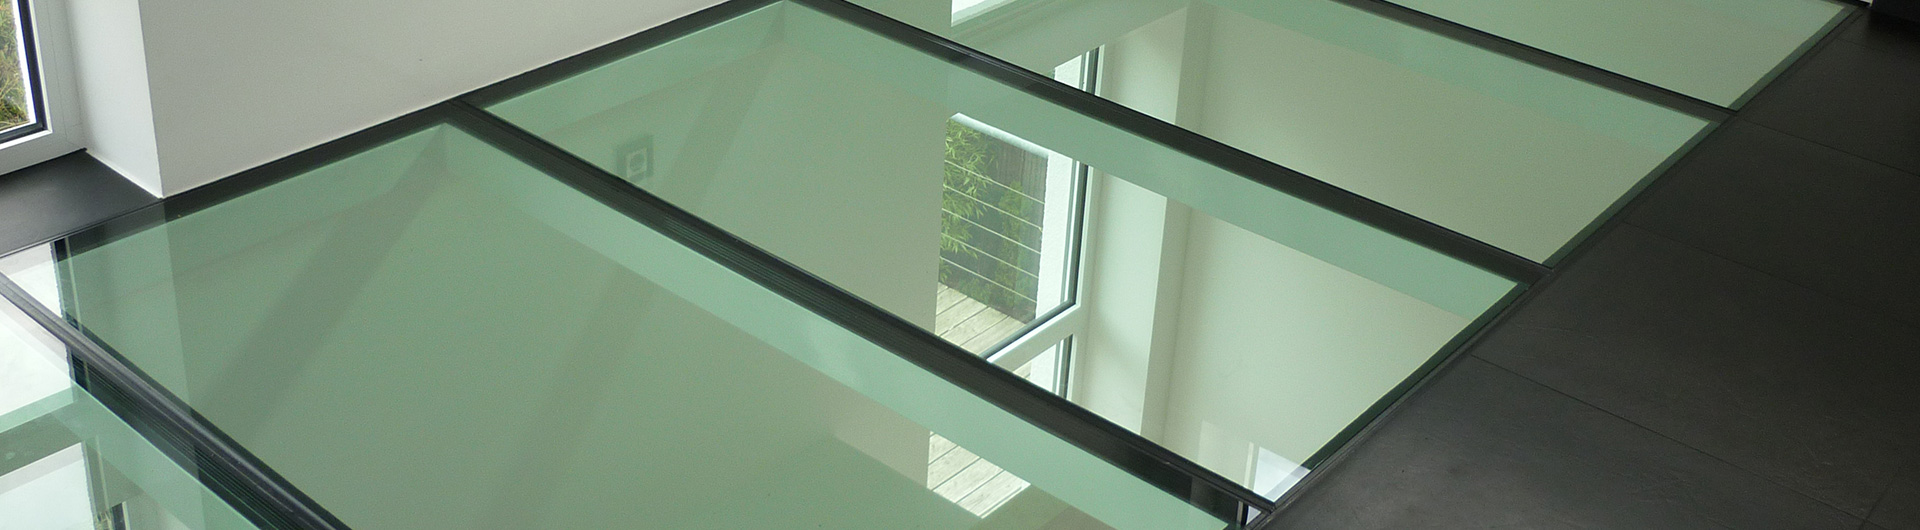 Begehbares Glas Fur Balkon Glas Hetterich Gmbh